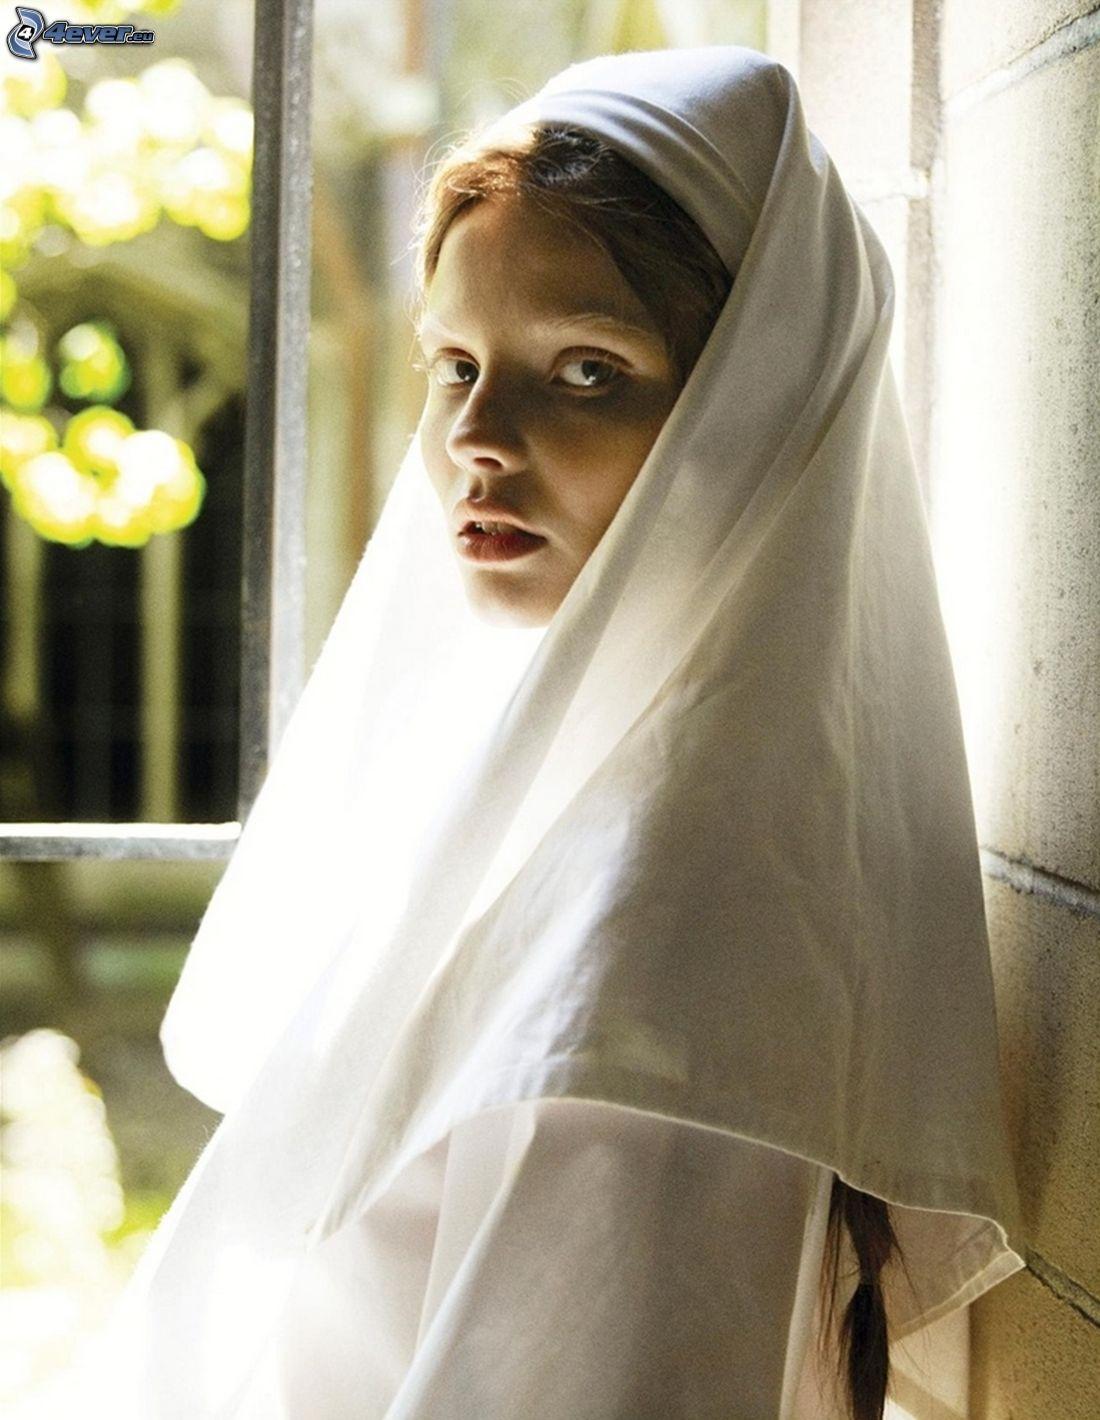 Фото нагих монашек 16 фотография